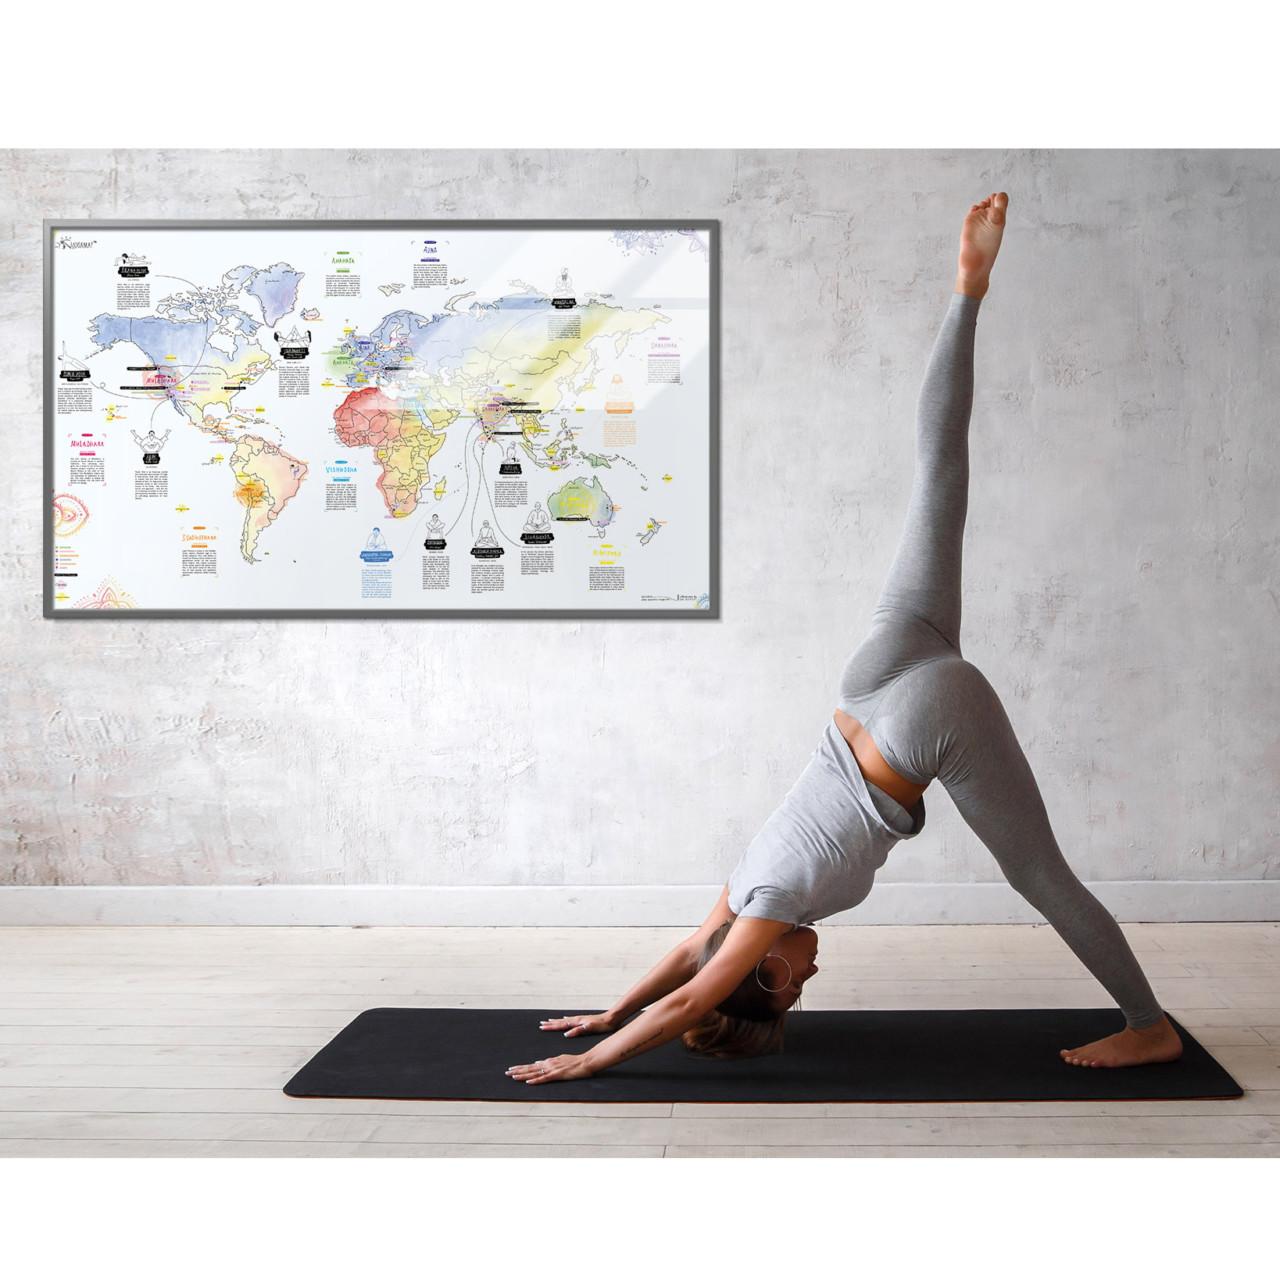 Yoga holiday every yoga hotspot in one world map traveling duthies world map yoga gumiabroncs Choice Image